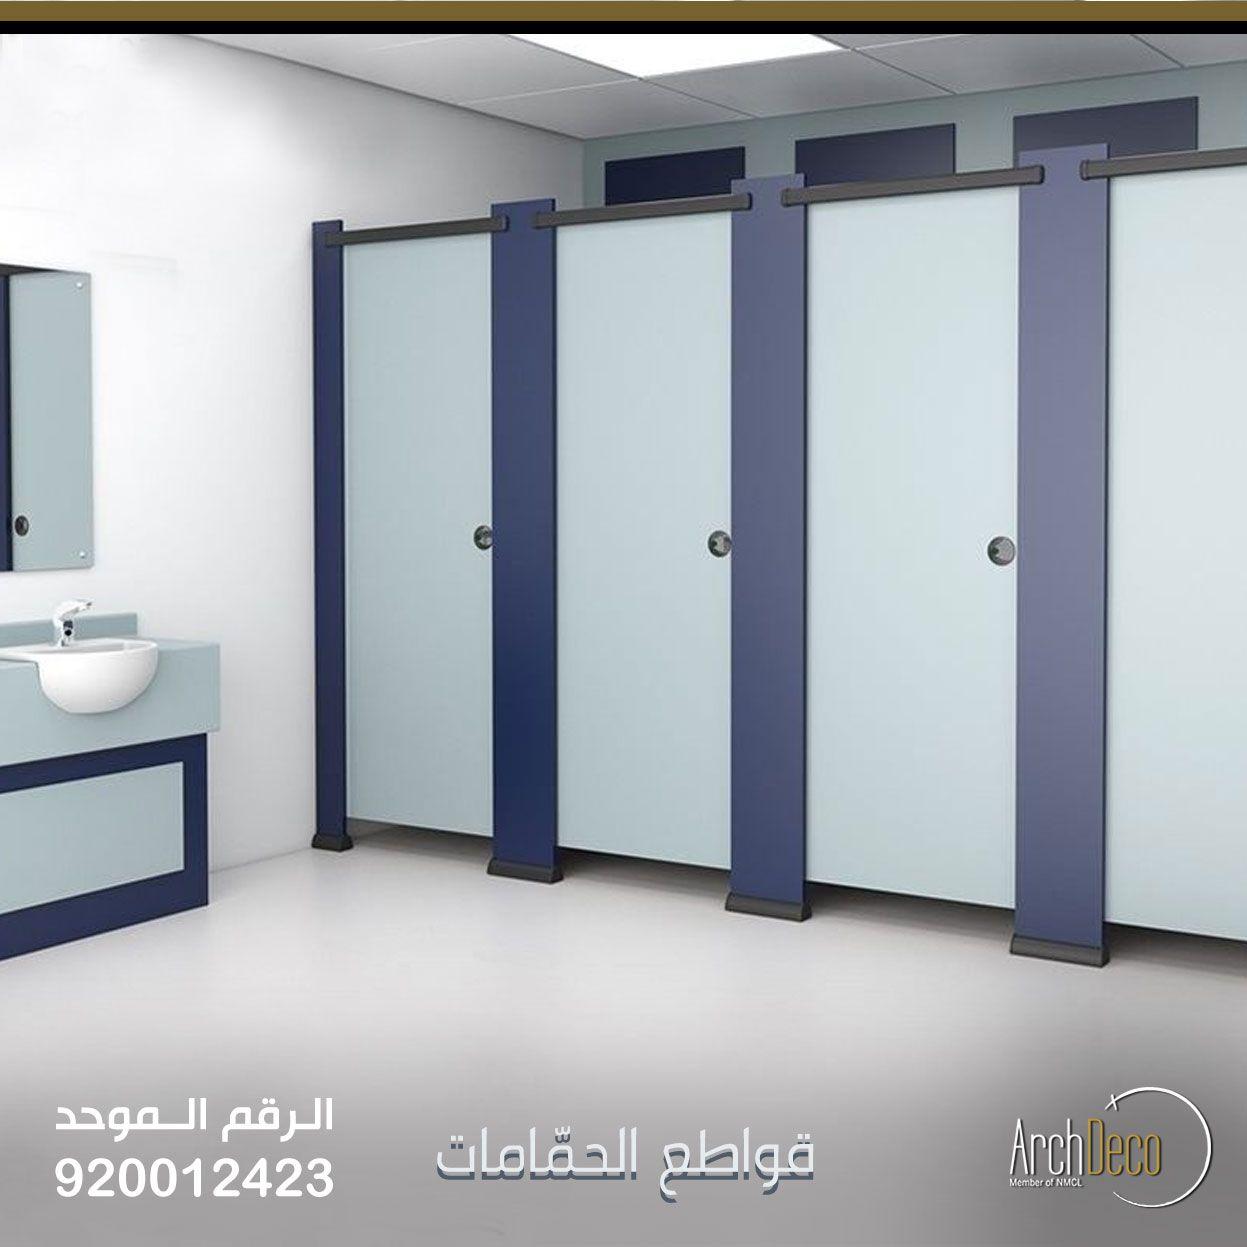 قواطع حمامات من ارش ديكو Locker Storage Furniture Storage